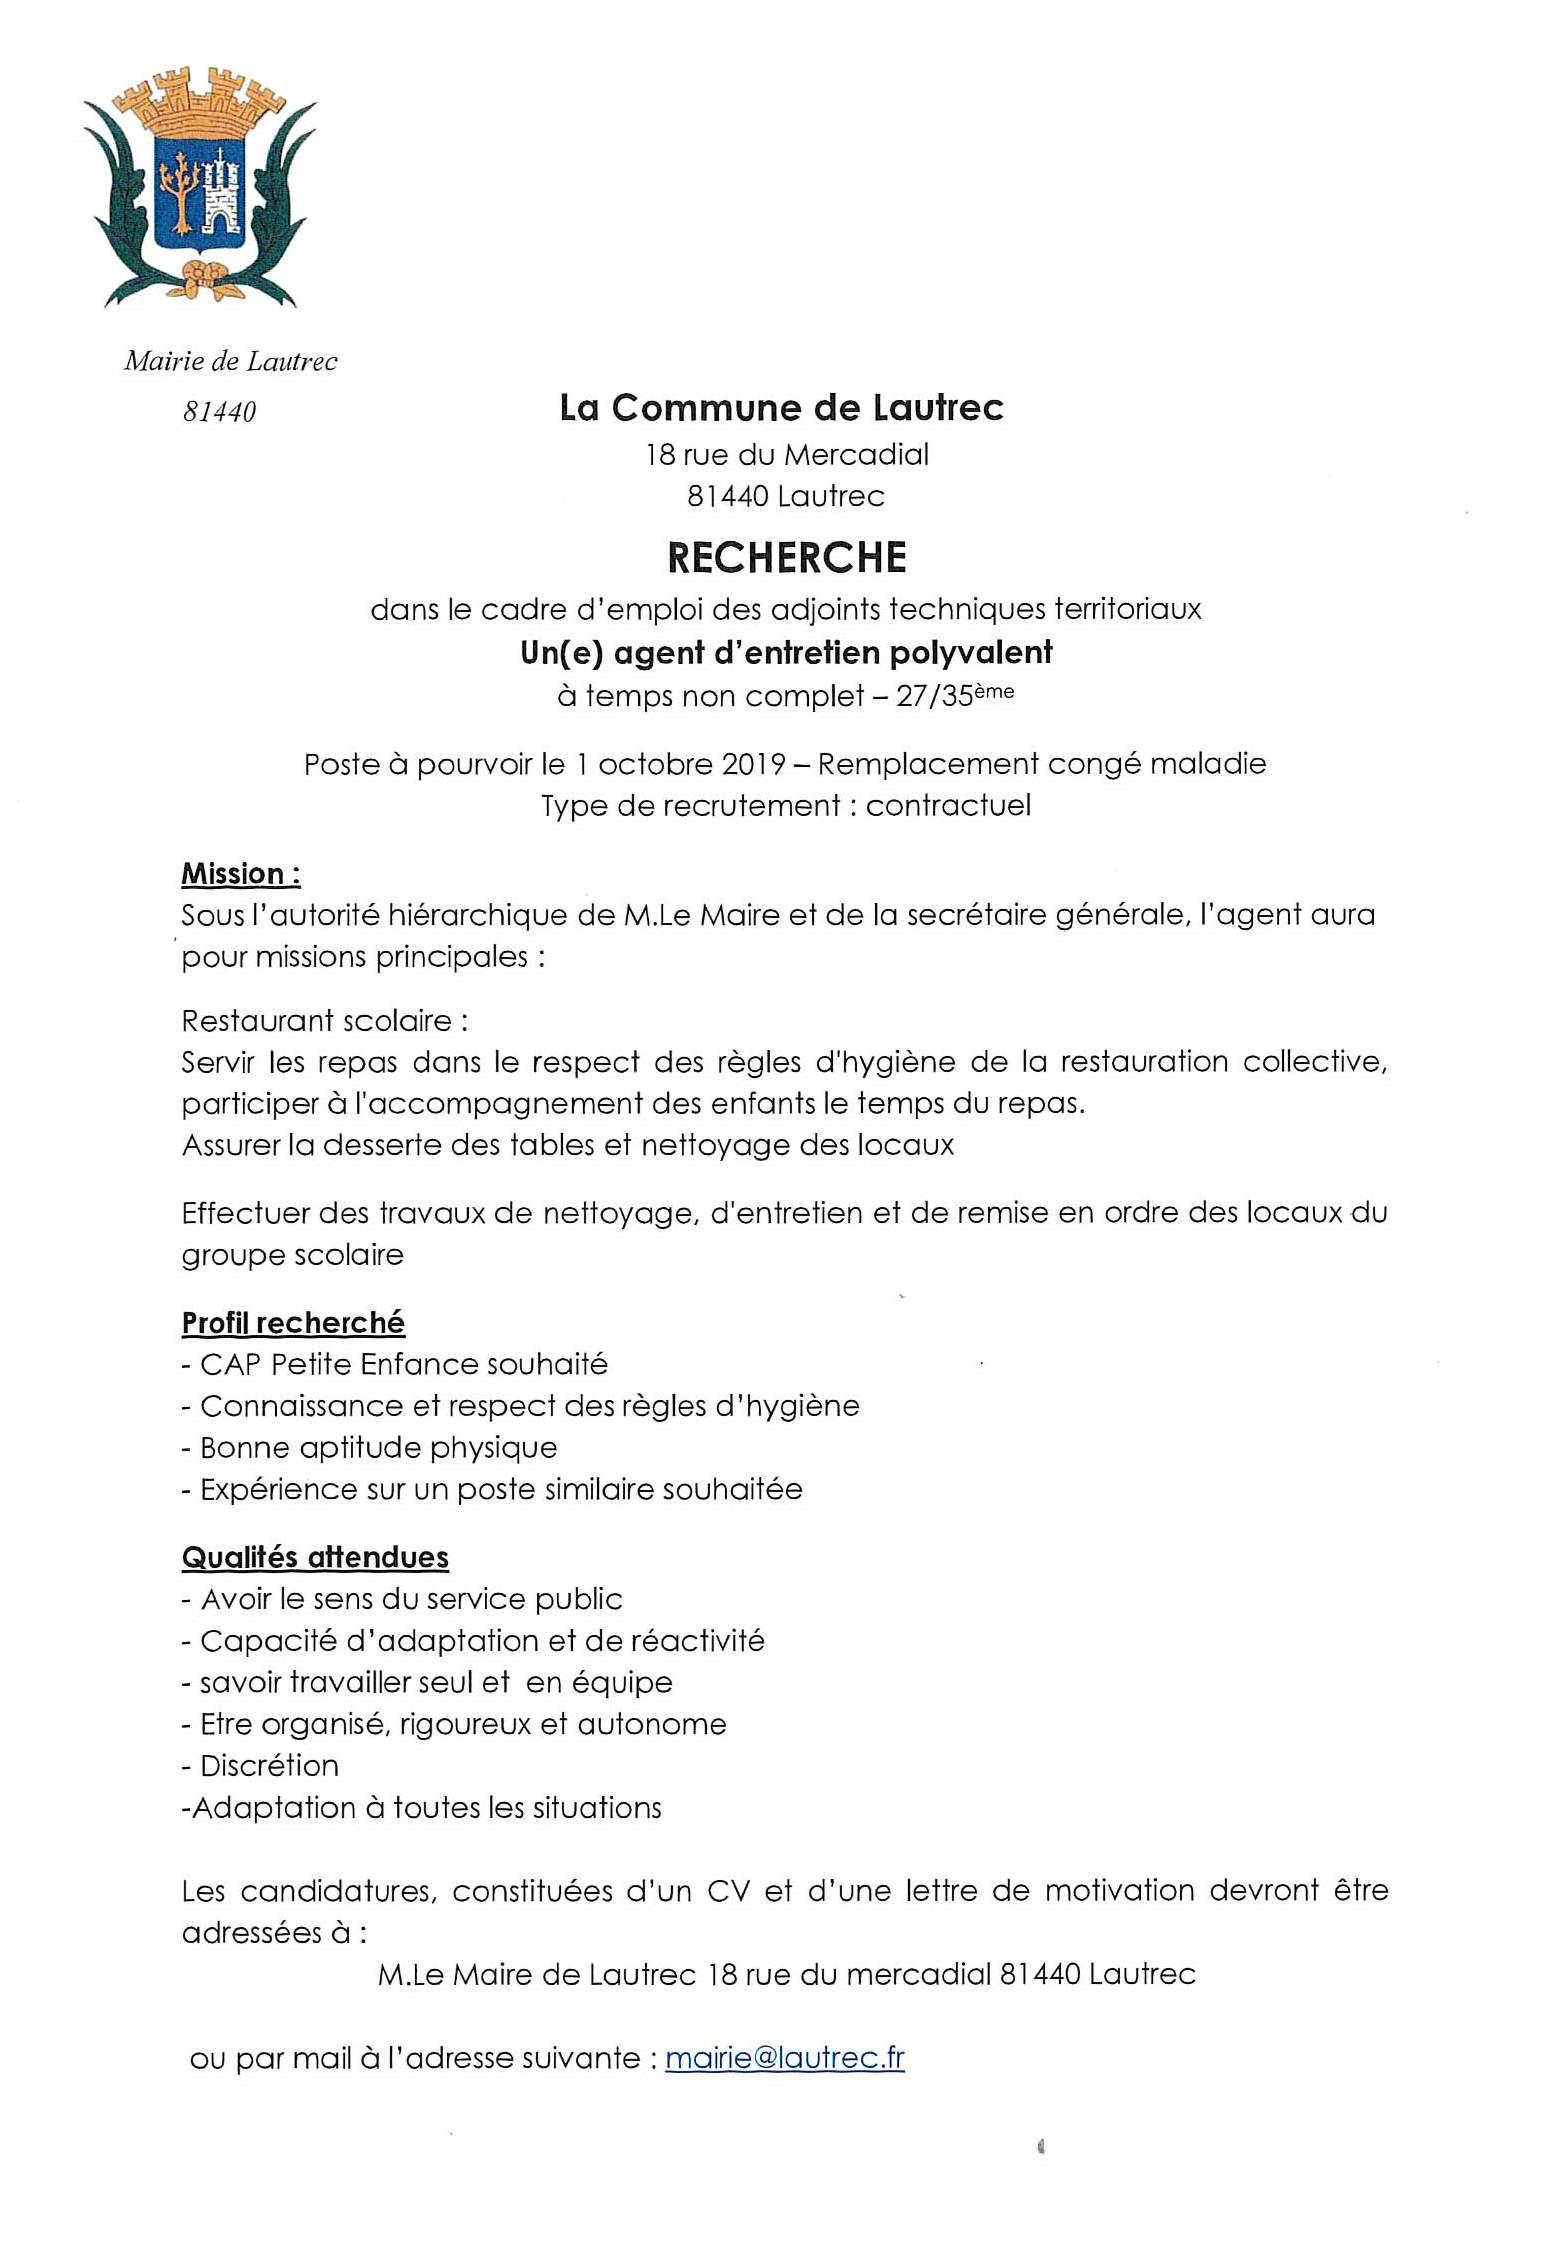 Lautrec La Mairie De Lautrec Recherche Un E Agent D